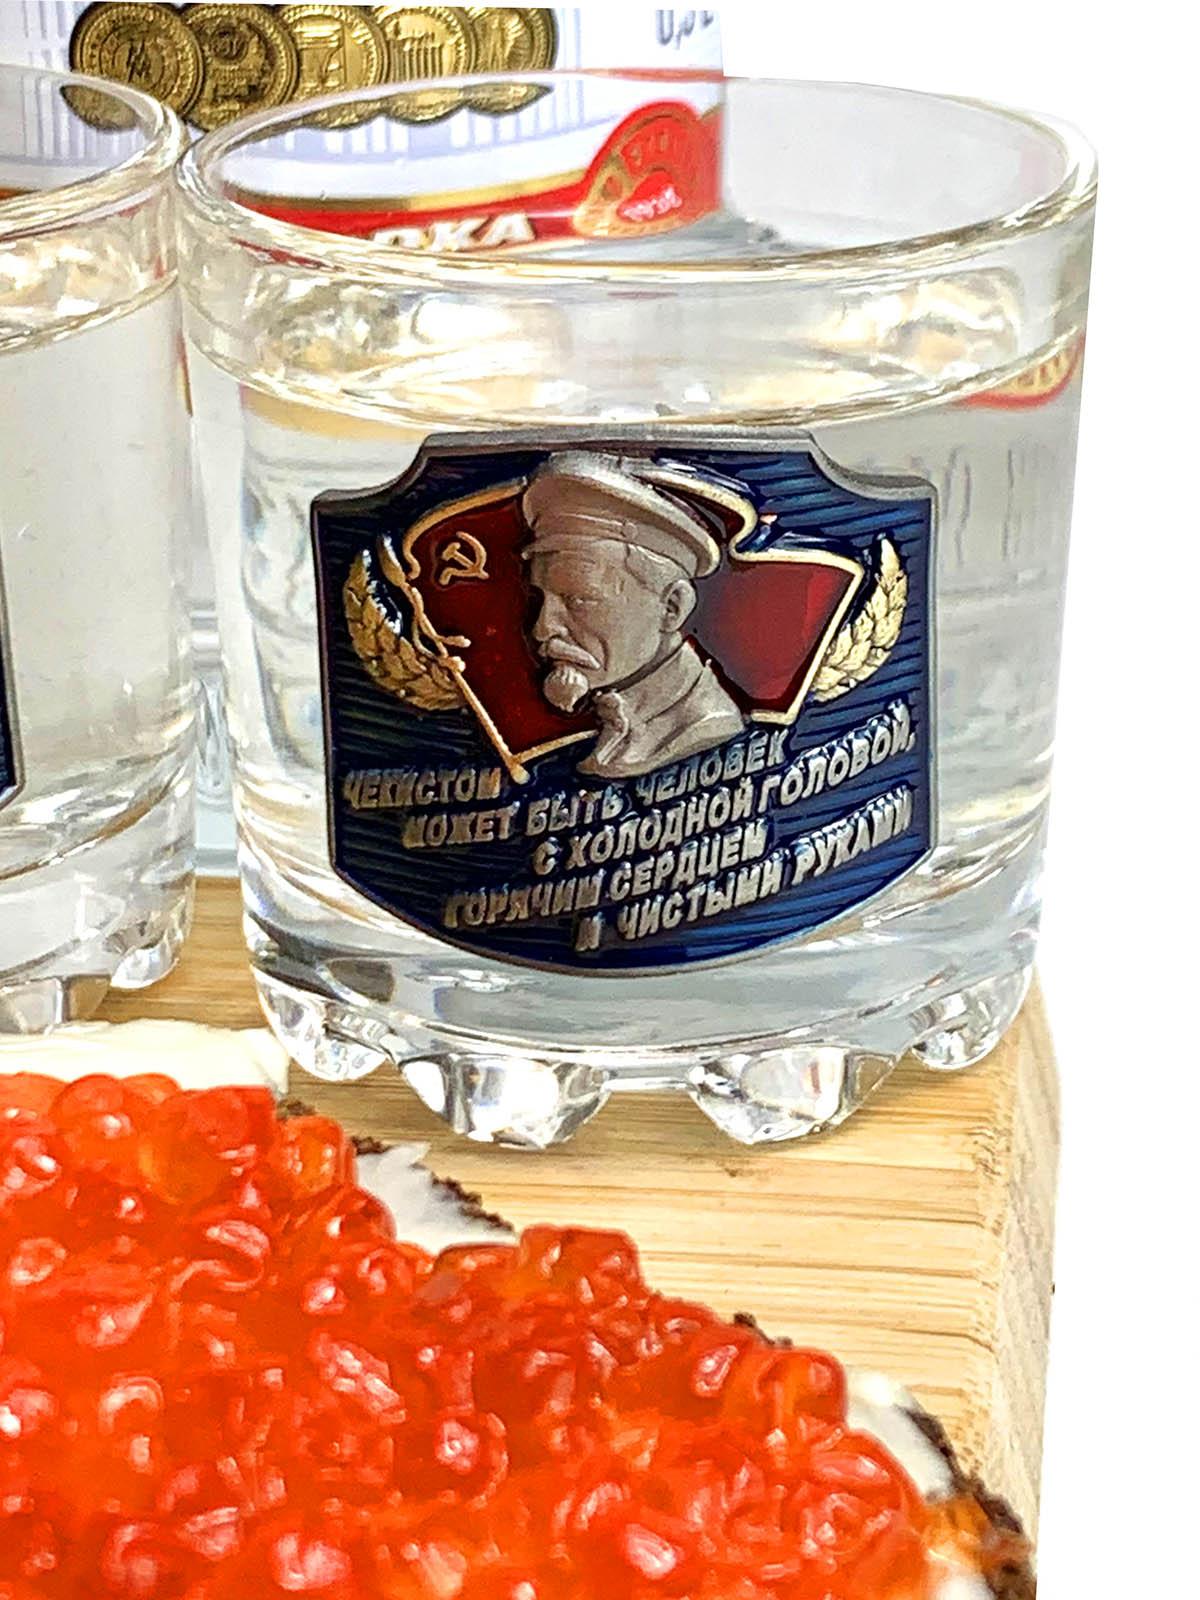 Набор для алкоголя ВЧК-КГБ-ФСБ пивная кружка + водочные стопки